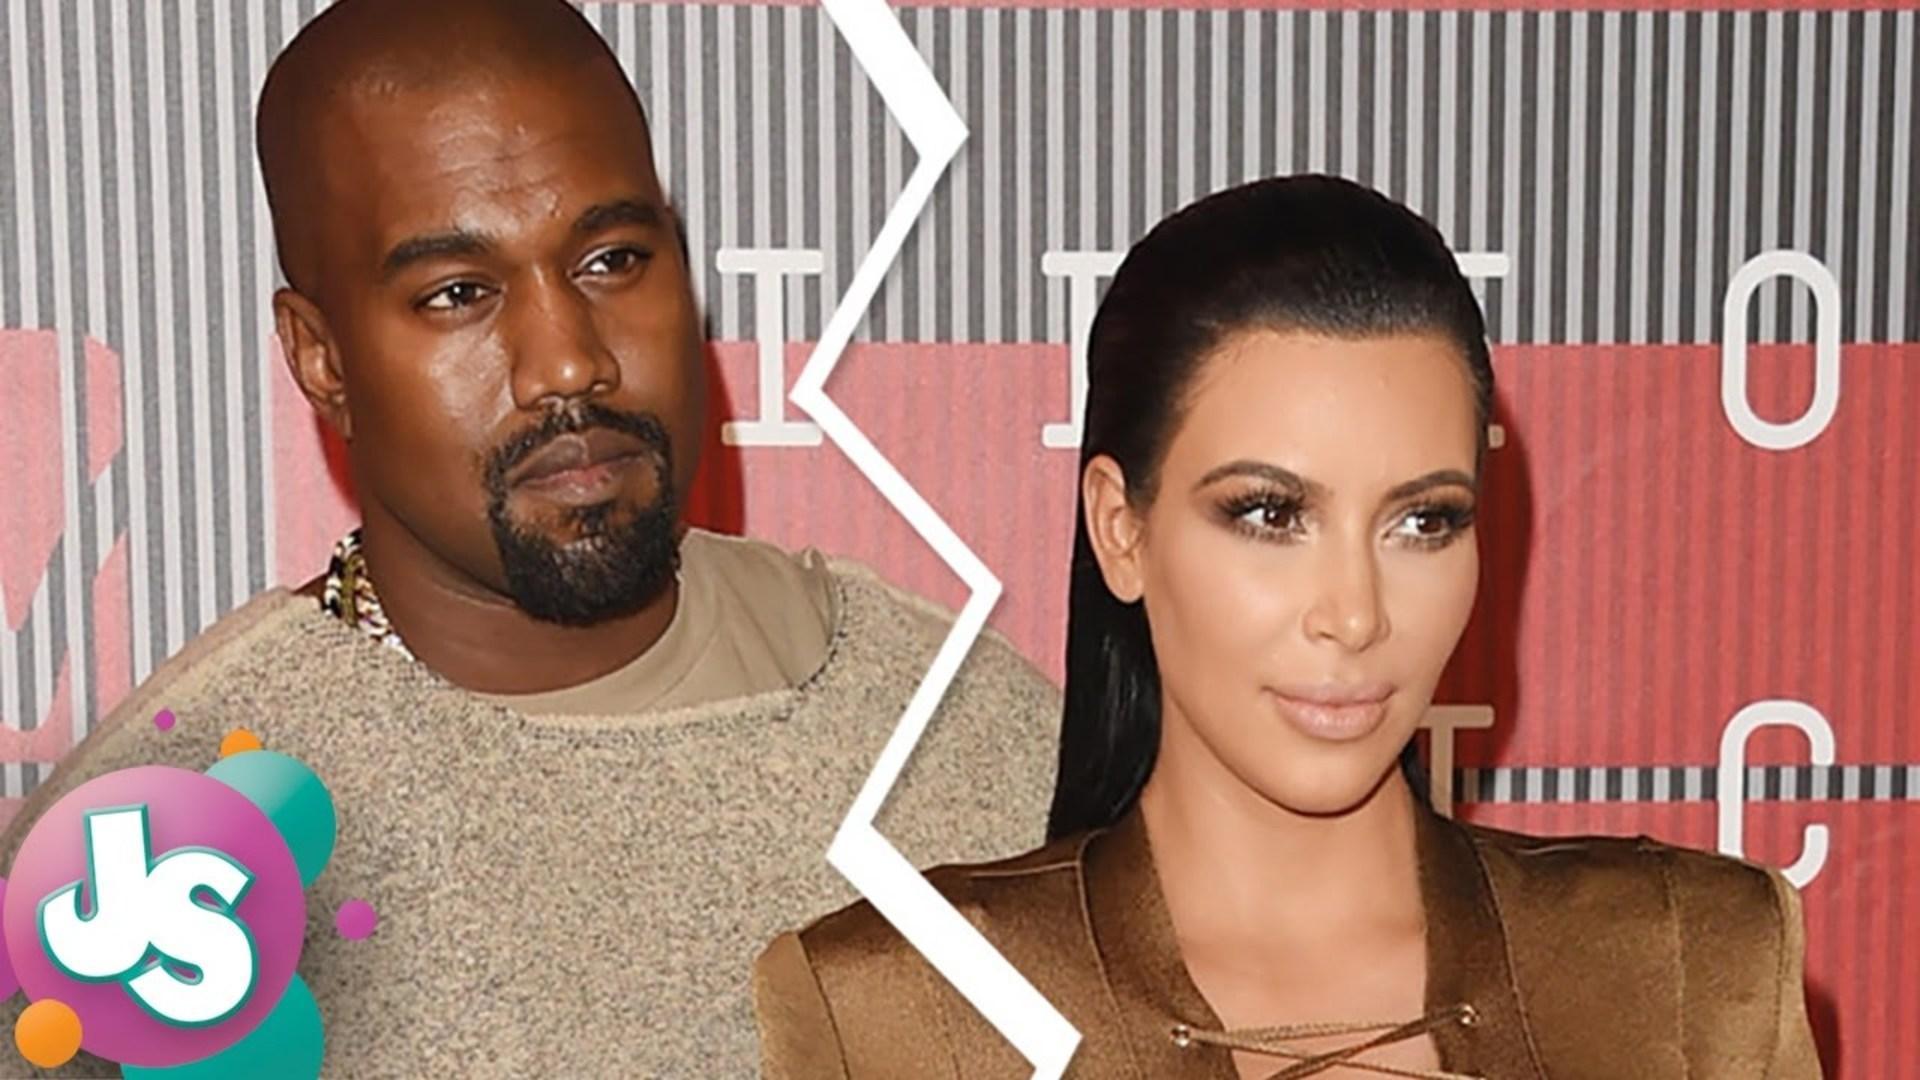 OMG! Kim Kardashian and Kanye West DIVORCE a Done Deal?! -JS